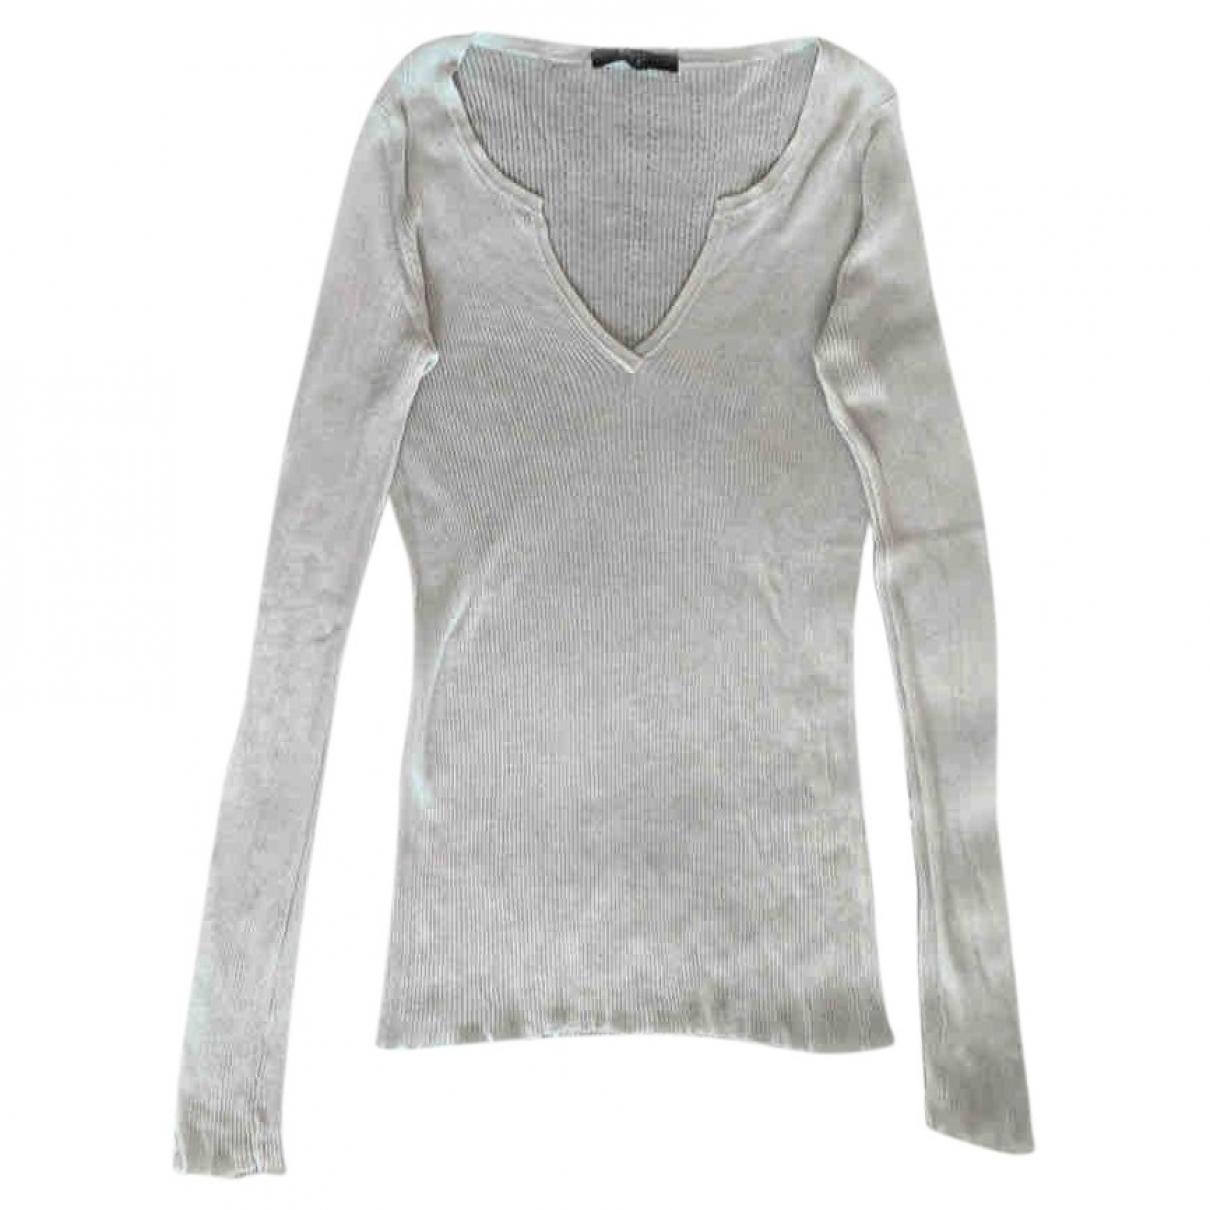 Gucci \N Grey Knitwear for Women L International